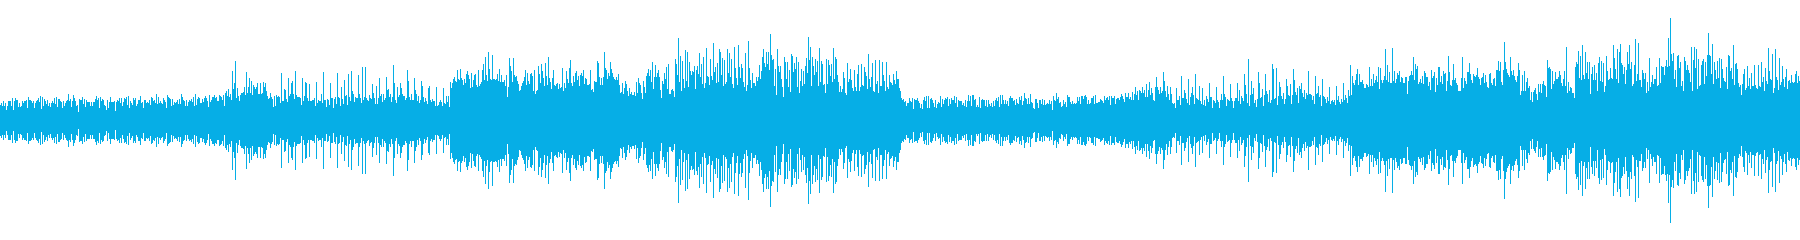 湿度の高いミステリアスなイメージのBGMの再生済みの波形